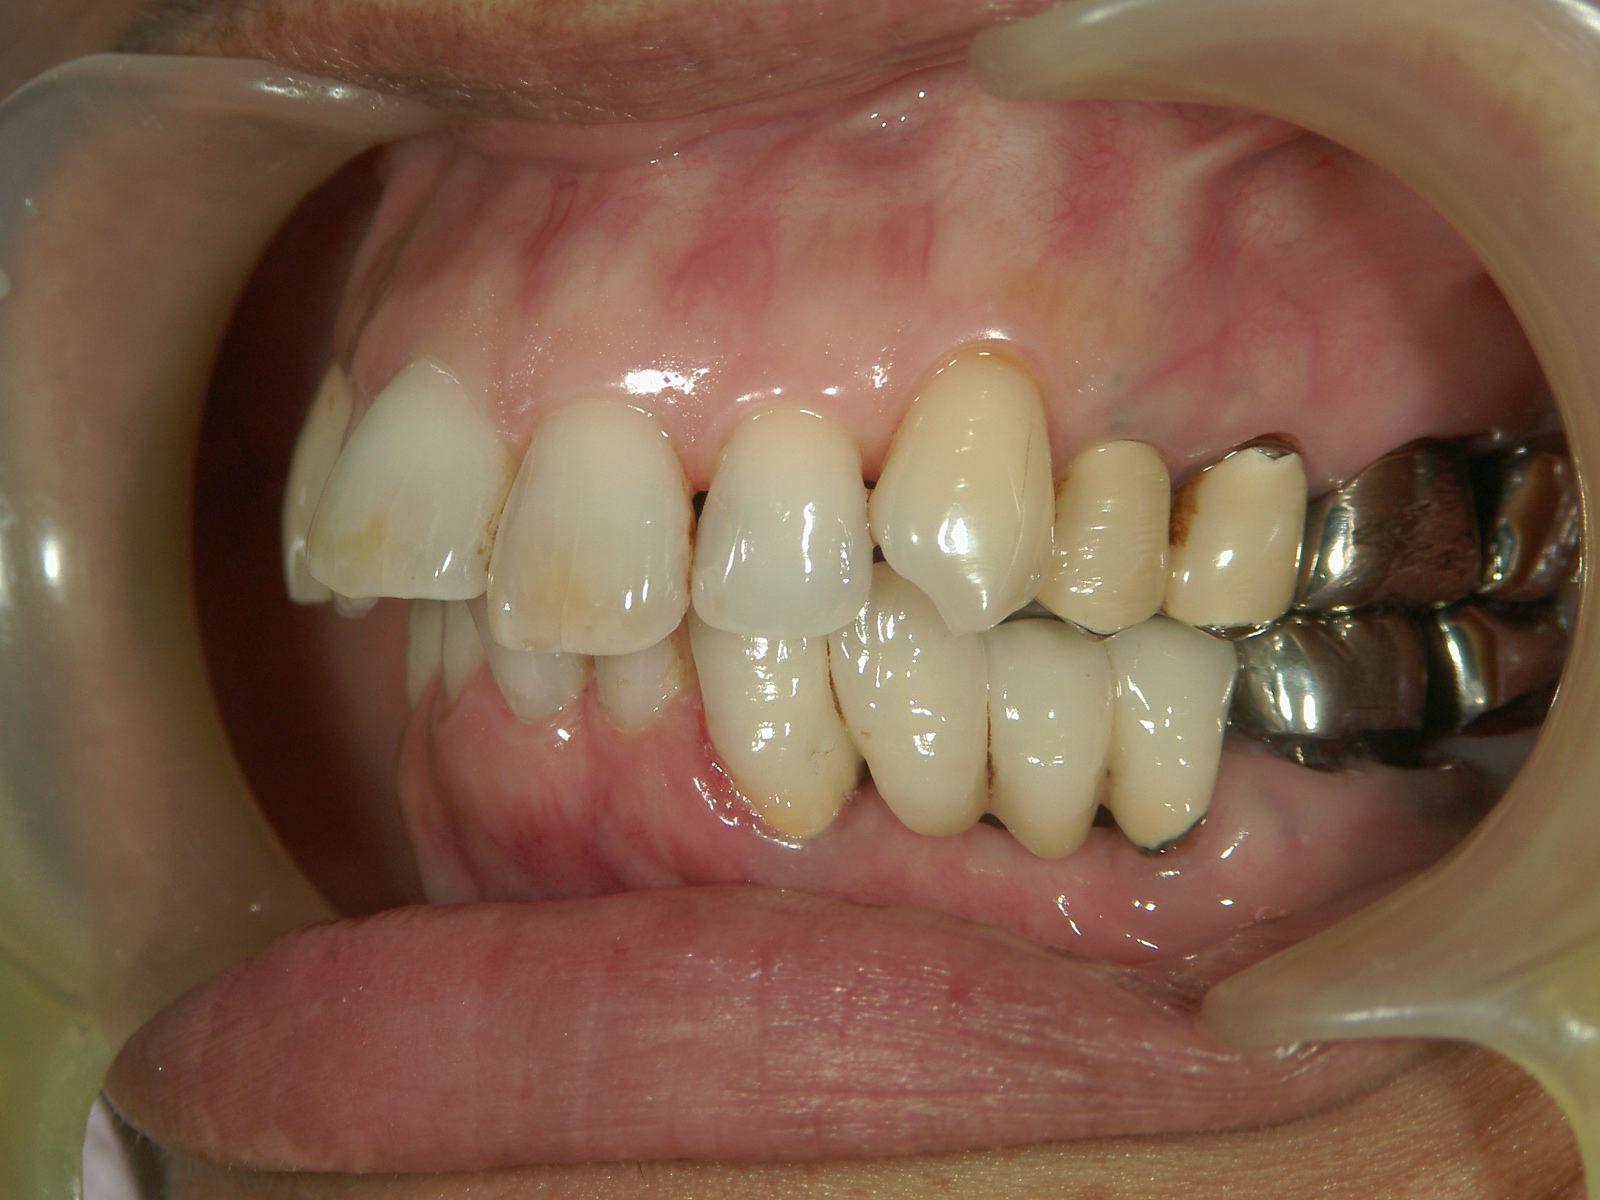 22年間変わらない!年を取ったら歯が悪くなる訳ではない、という事。予防歯科再考・2_b0119466_01512862.jpg